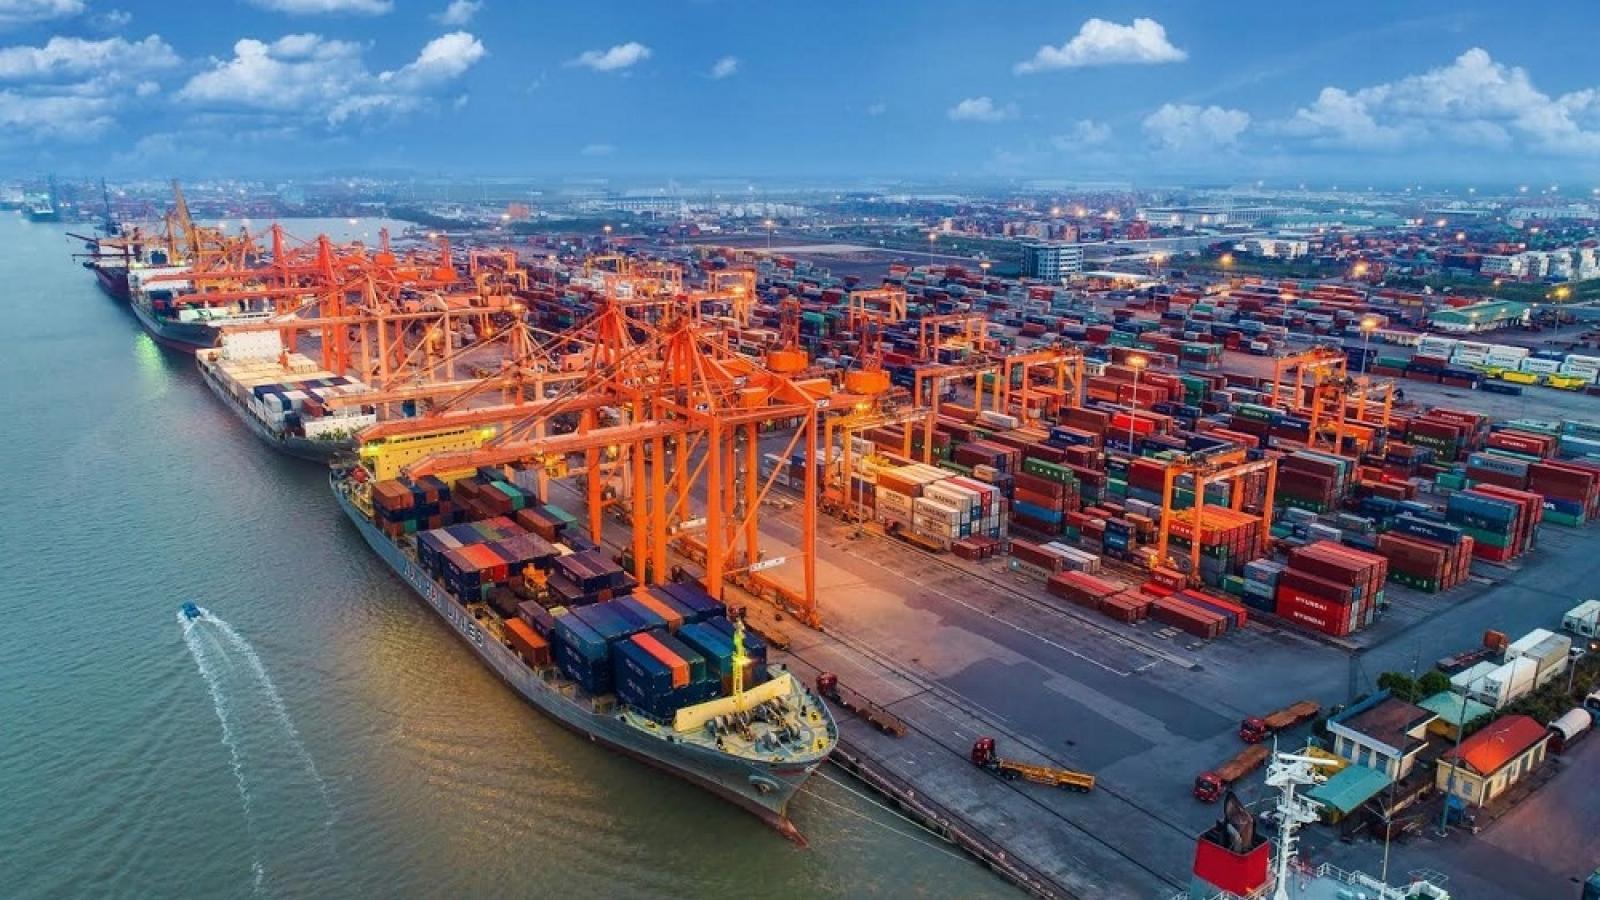 Ổn định sản xuất, đảm bảo đơn hàng xuất khẩu: Dư địa để xuất siêu cả năm 2021